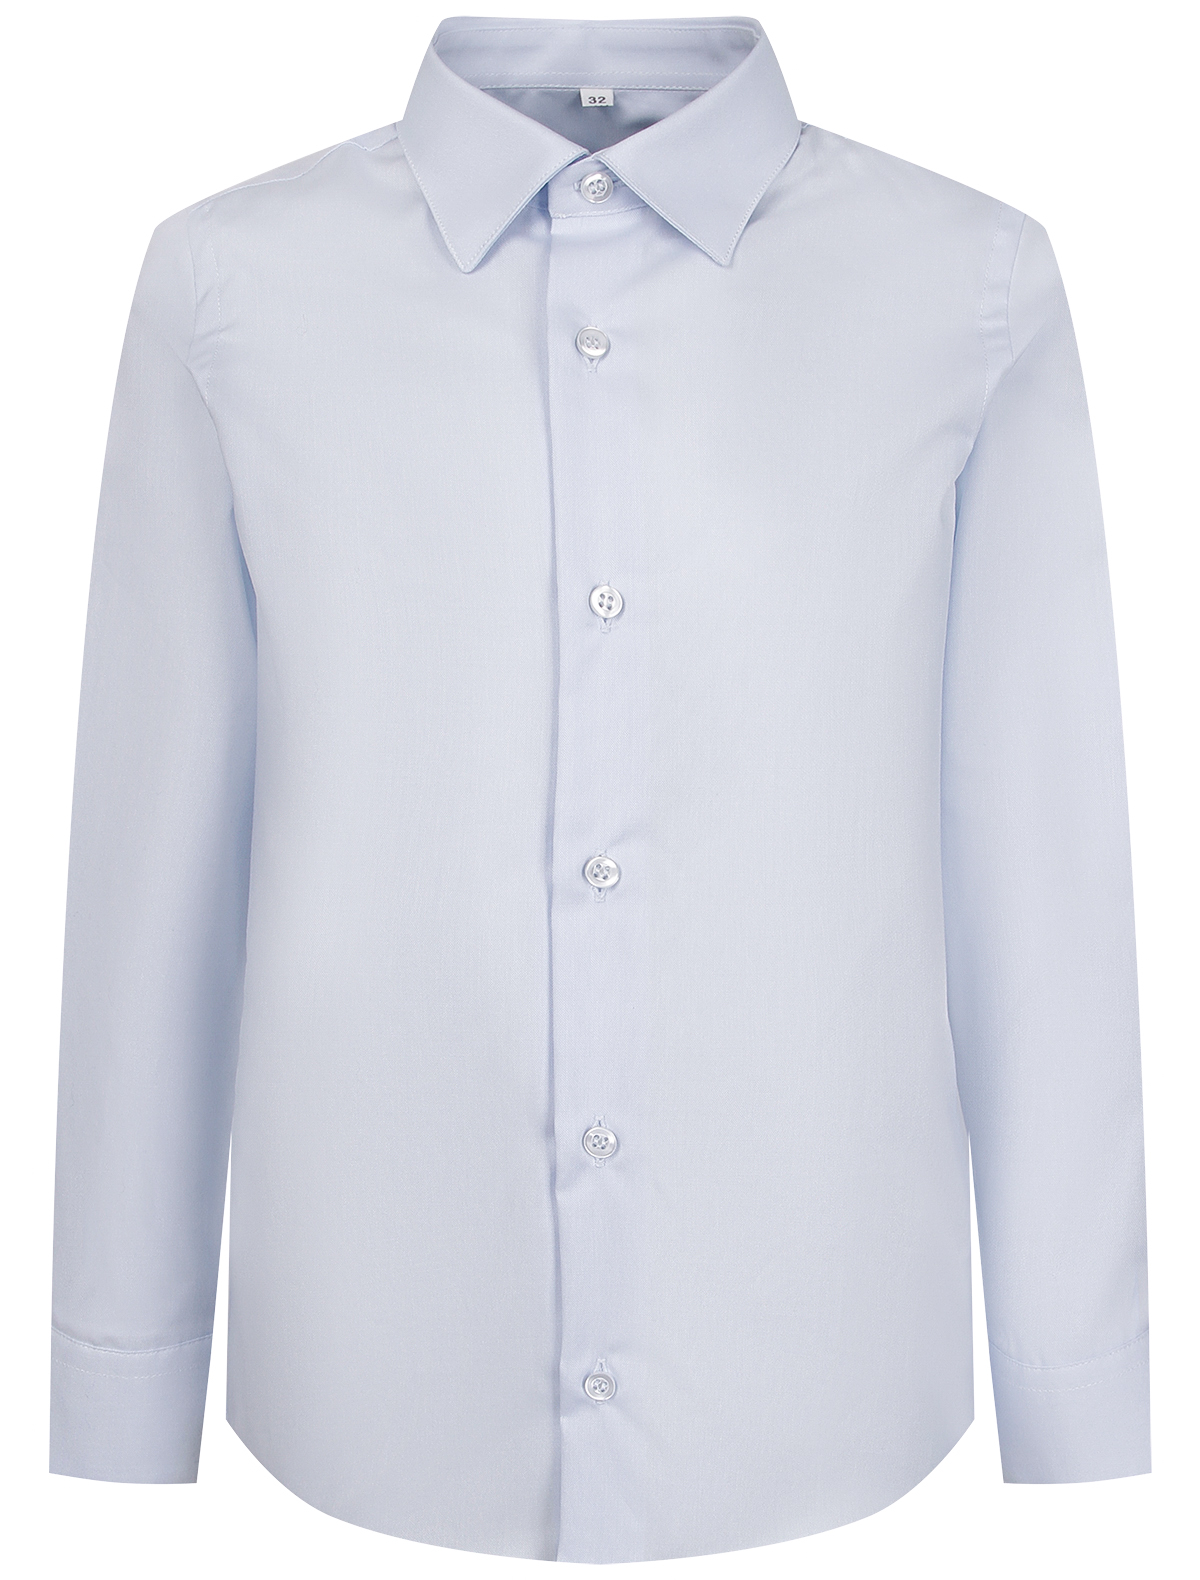 Купить 2226129, Рубашка Malip, голубой, Мужской, 1014519081824